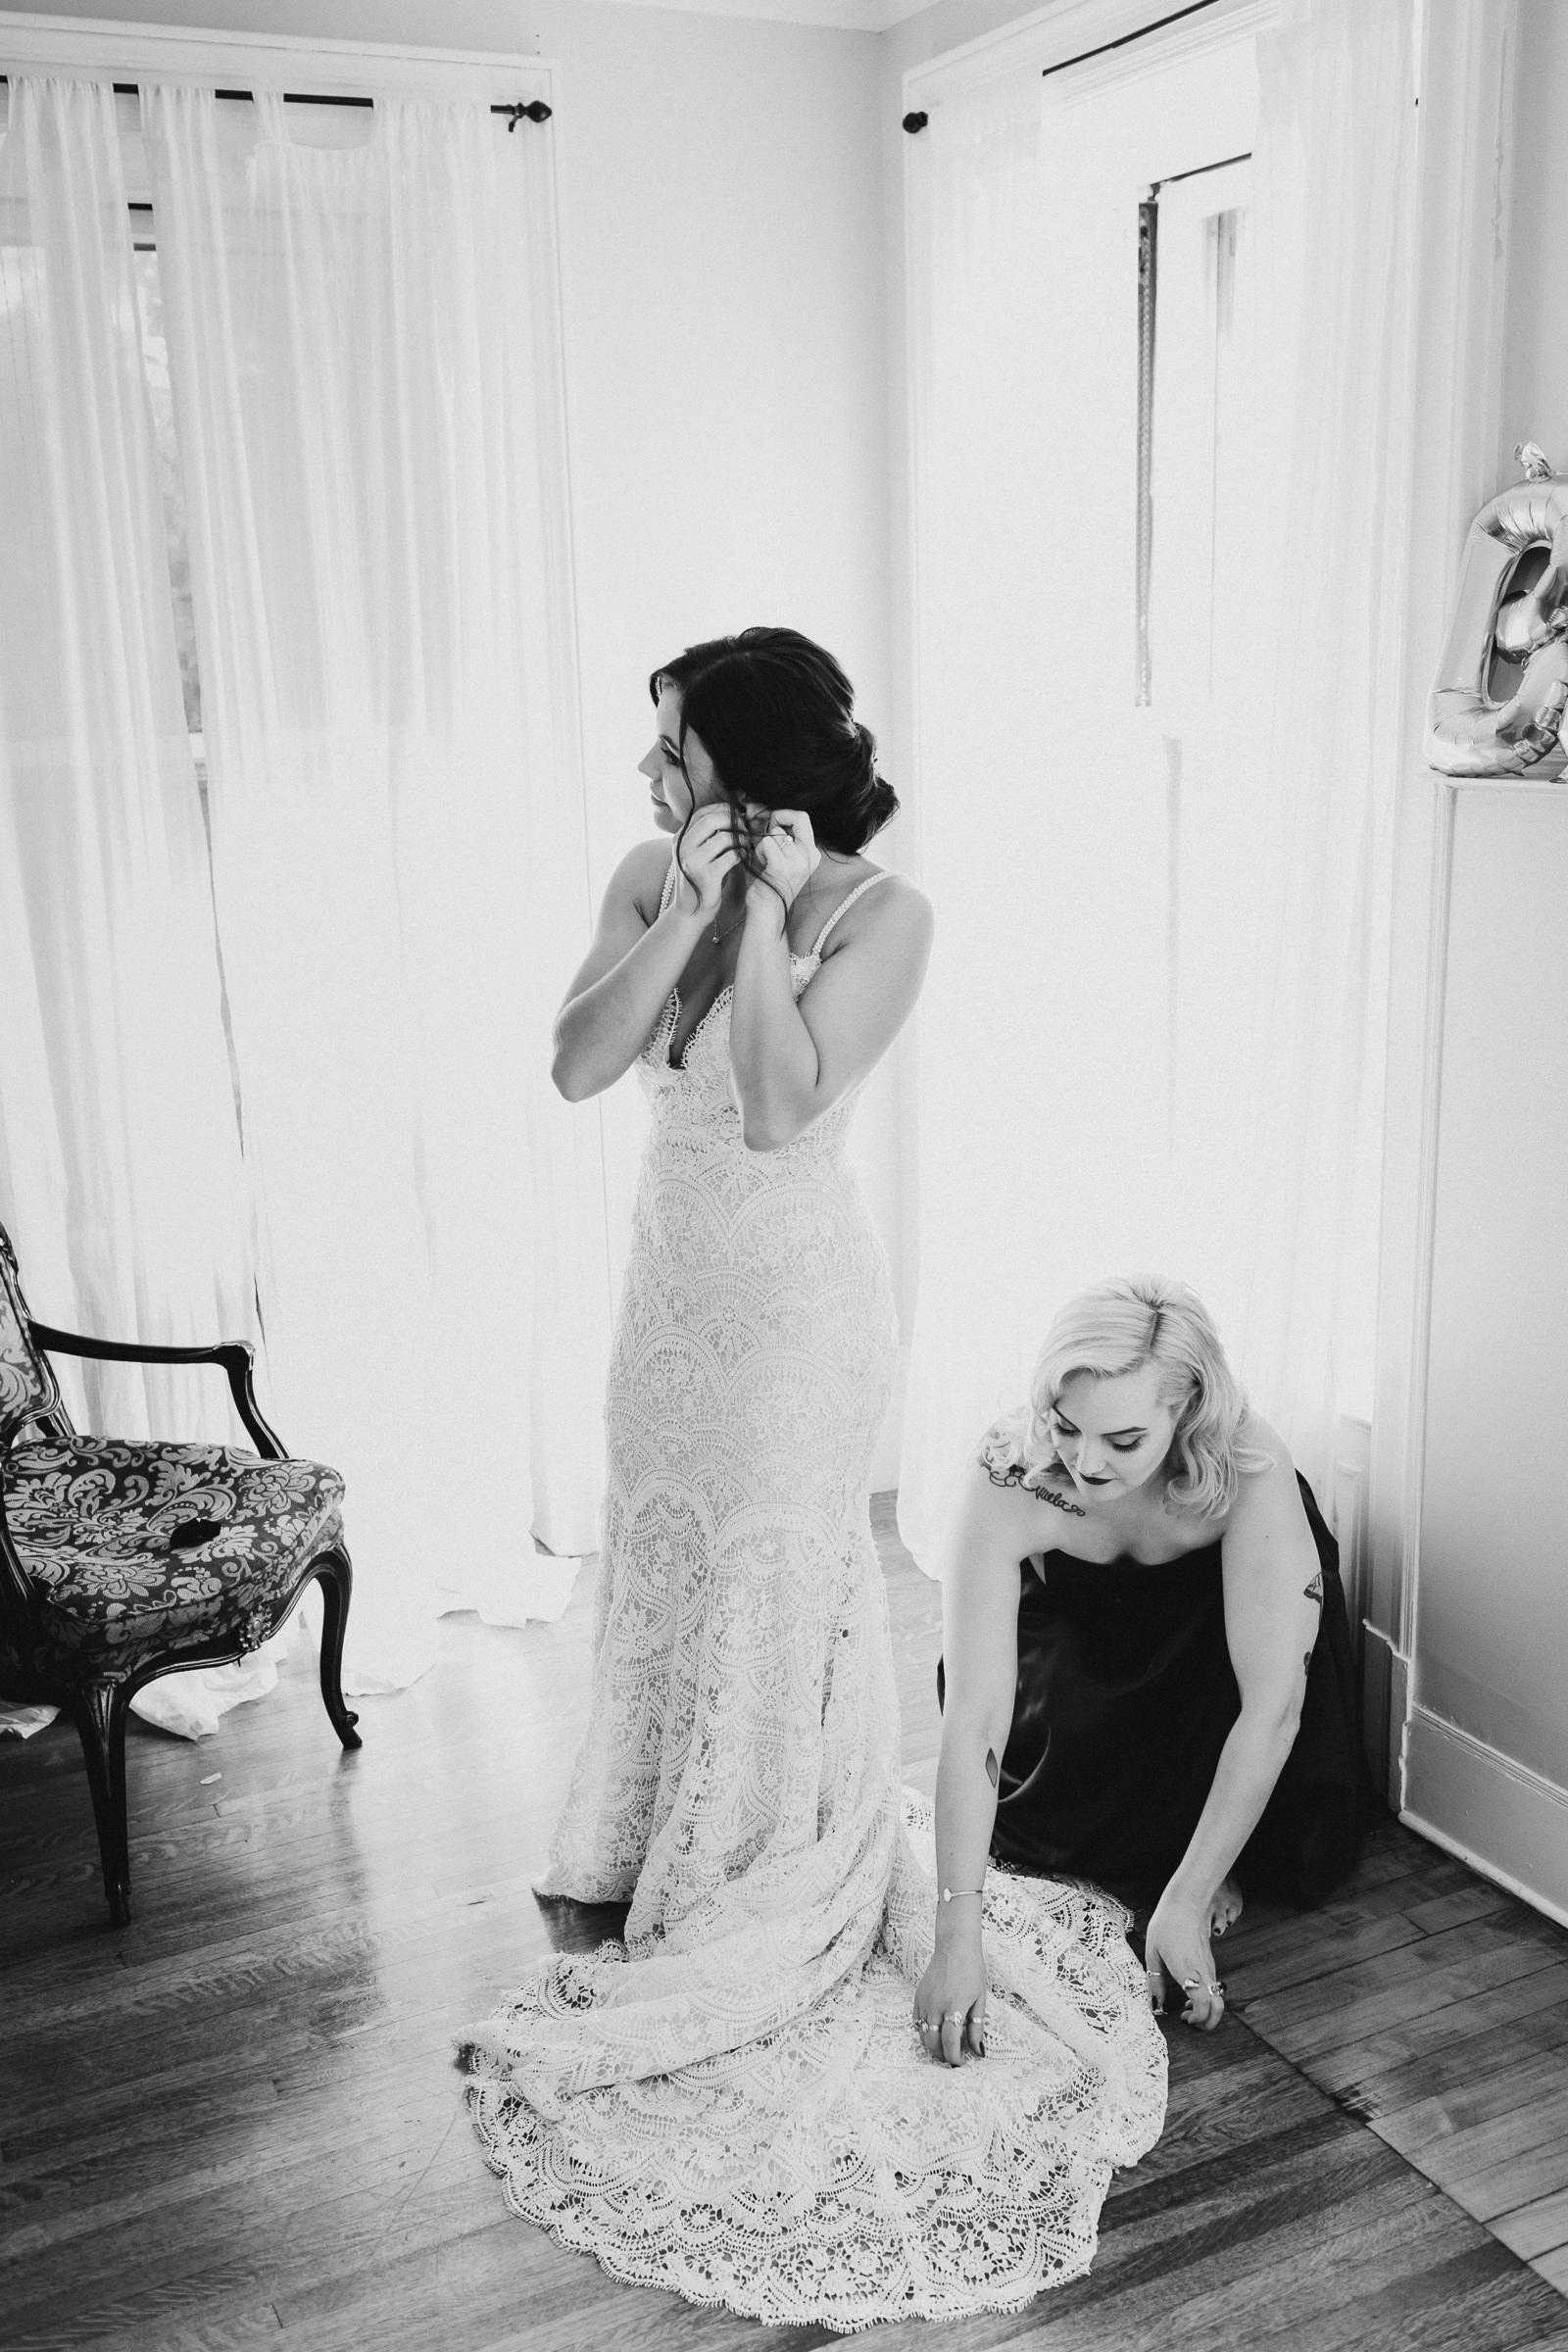 Arrow-Park-Monroe-NY-Documentary-Wedding-Photographer-14.jpg